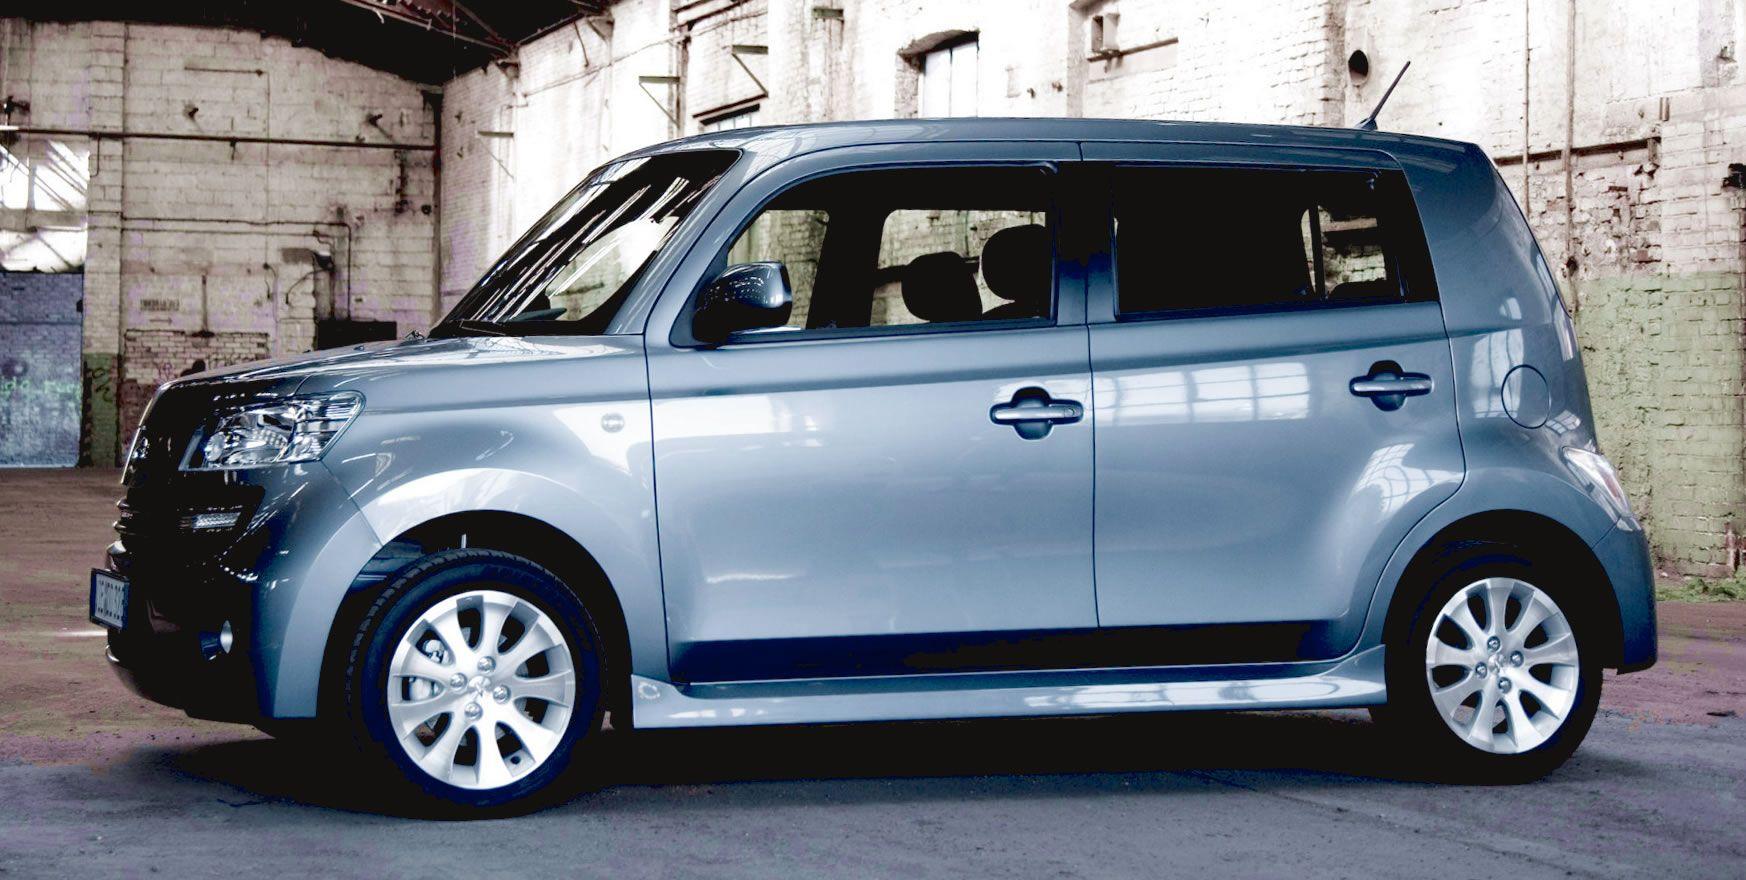 Daihatsu Materia The Daihatsu Materia Daihatsu Coo In Japan